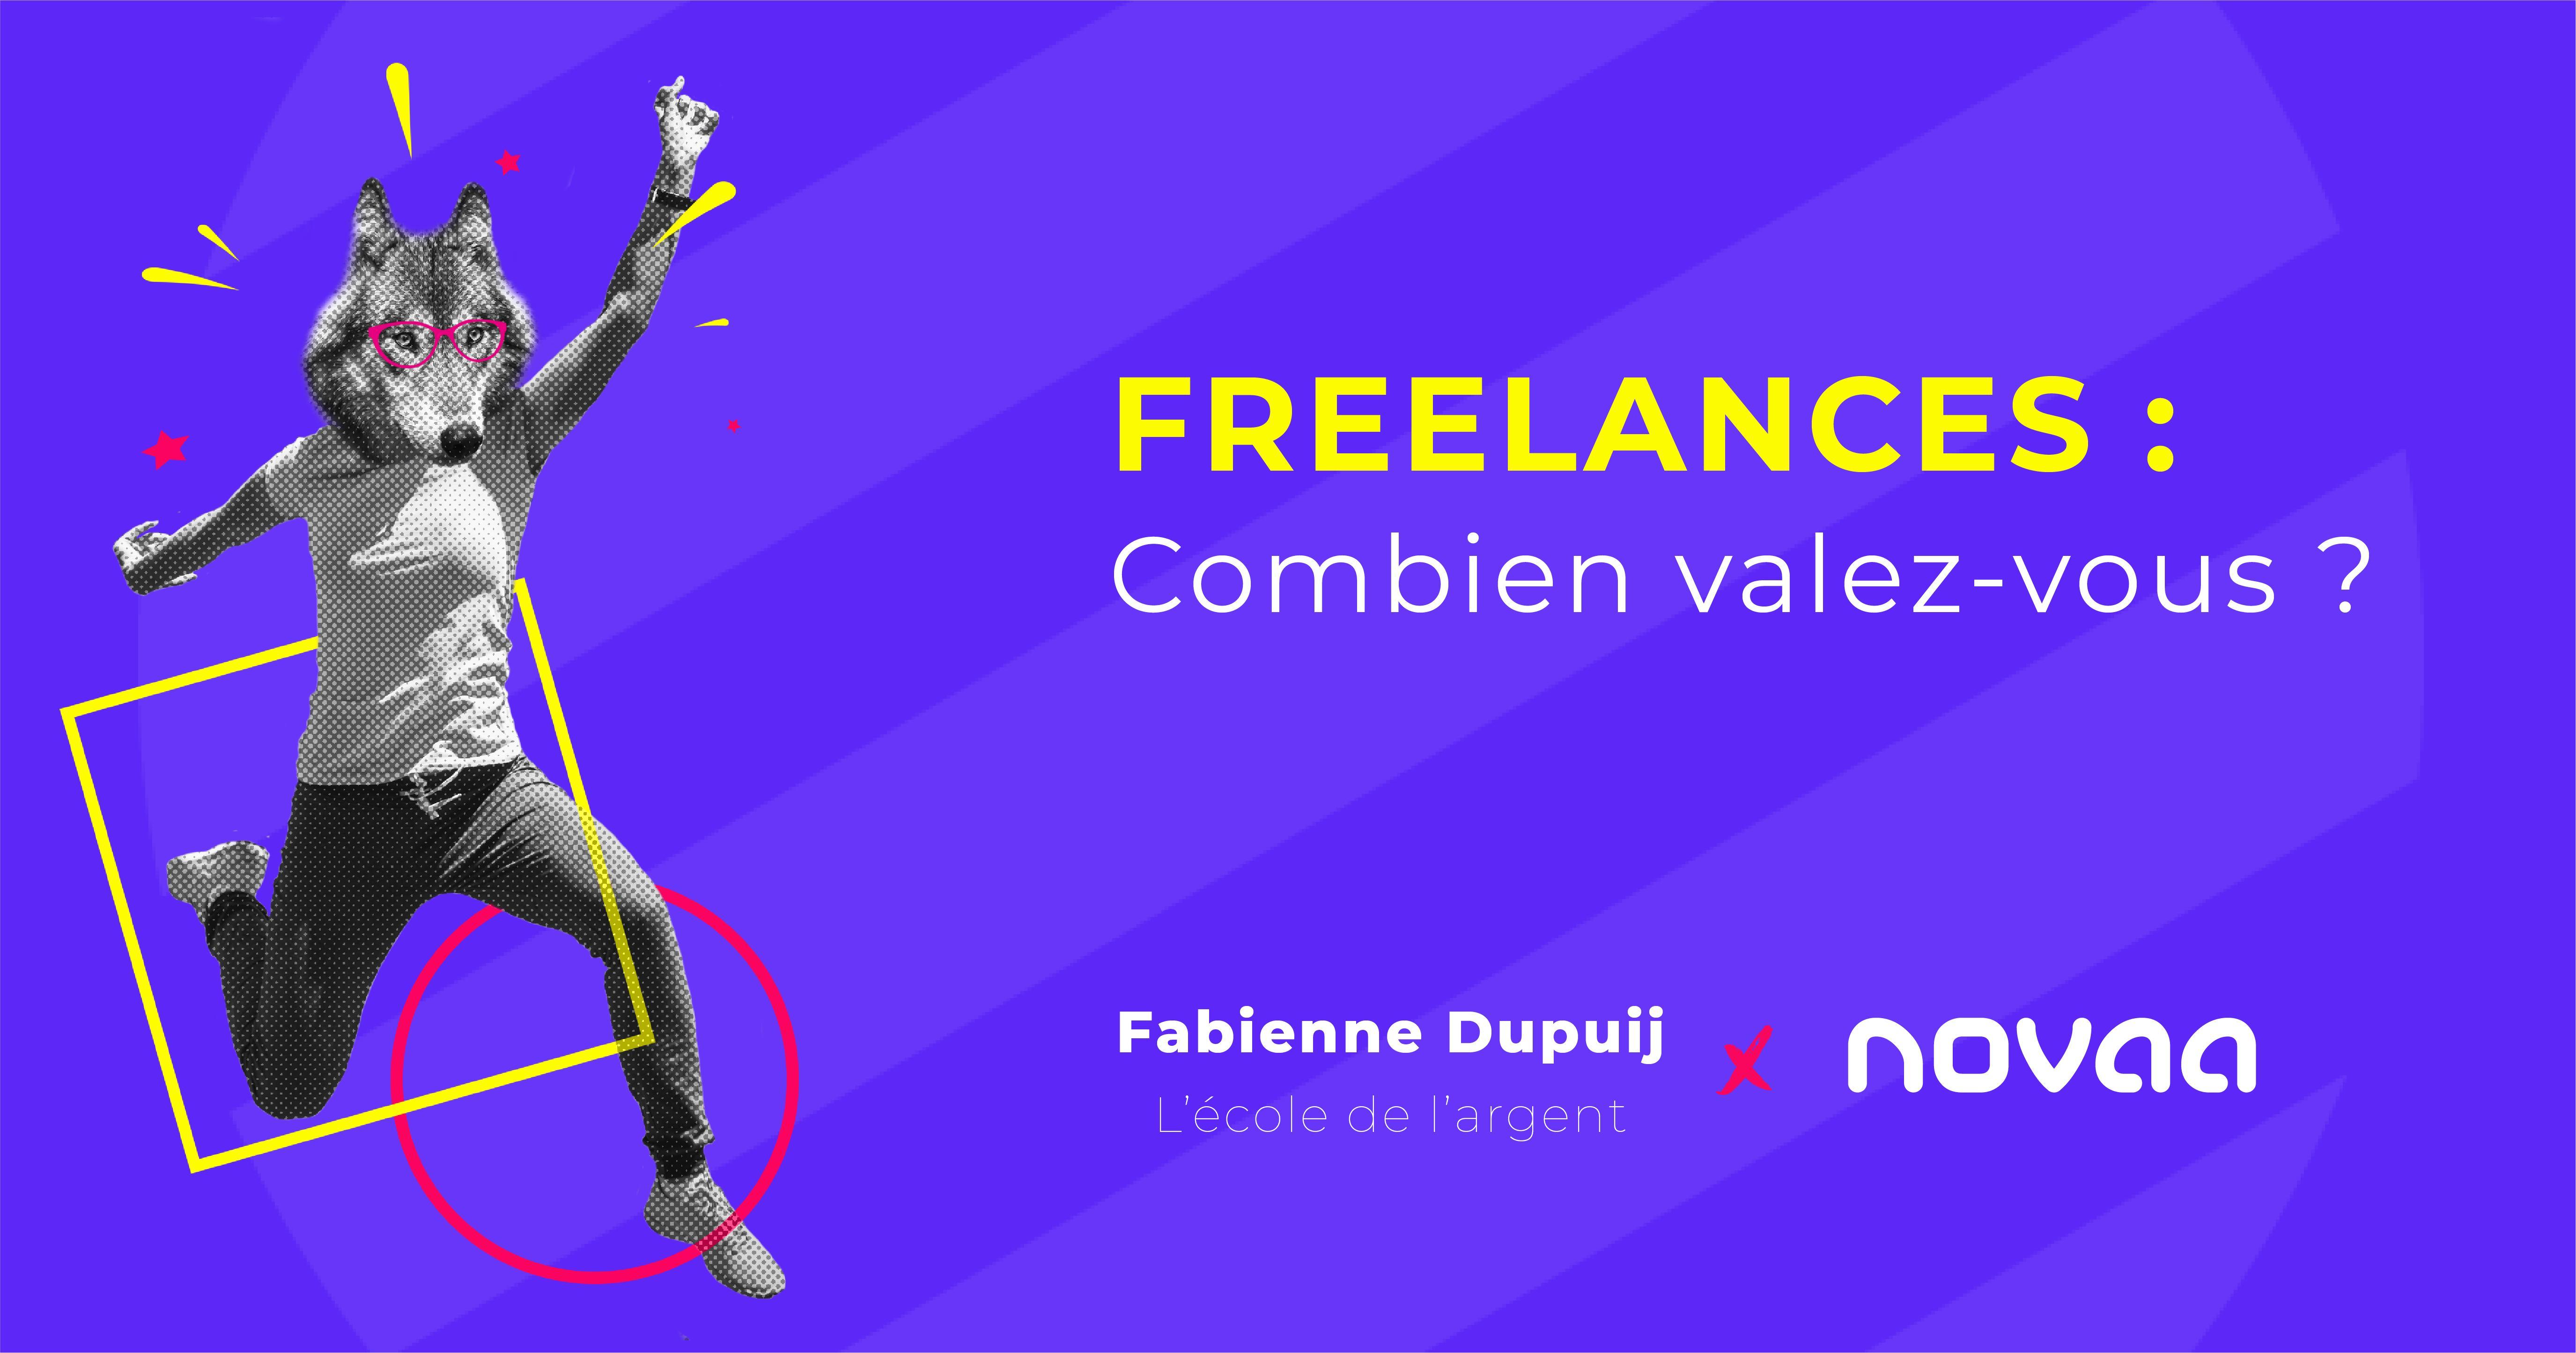 Freelances : combien valez-vous ?